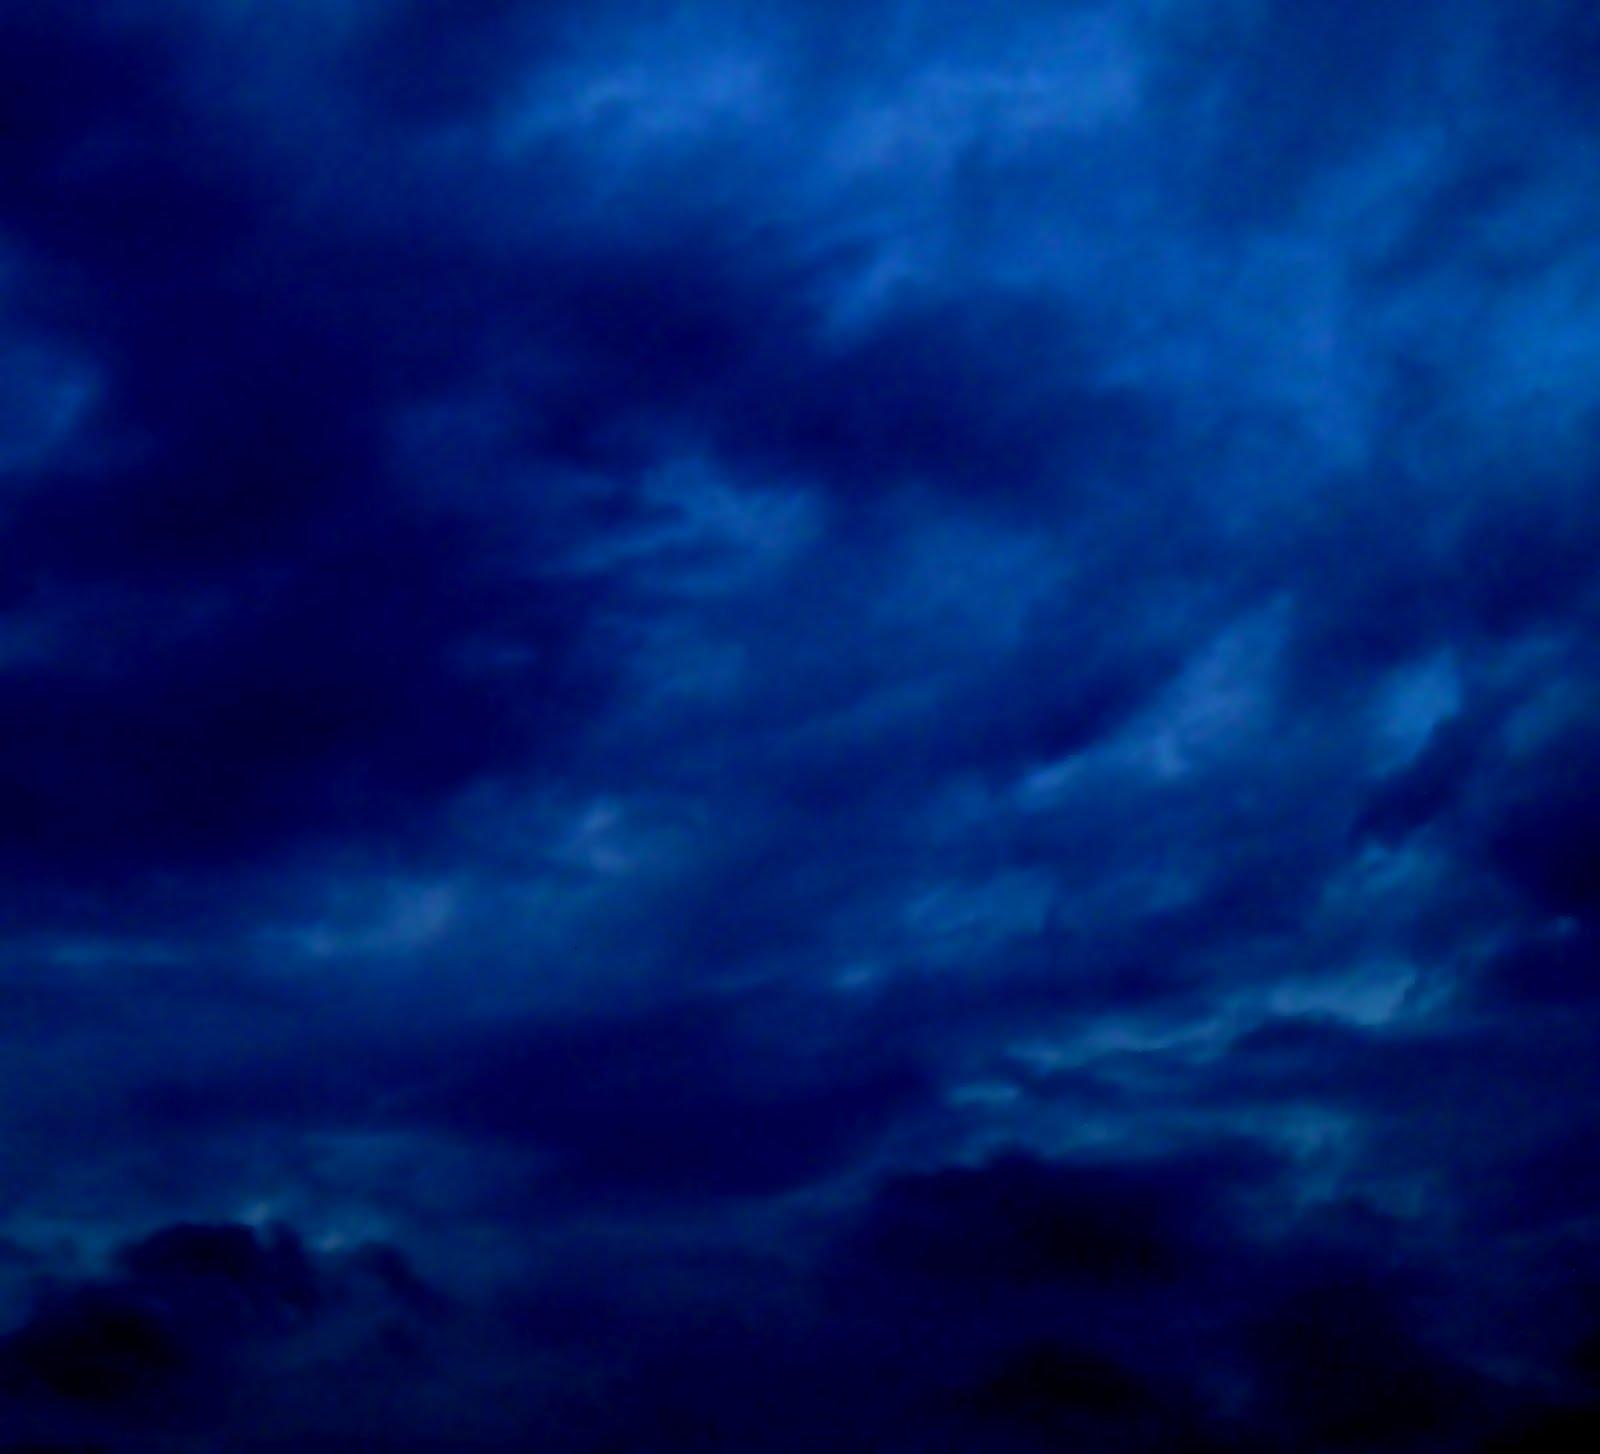 http://1.bp.blogspot.com/-x_YgW_p0wMs/T5Iz9UqTVSI/AAAAAAAAHsA/Rdn95kYBrPI/s1600/ciel-2-avril-2012.jpg